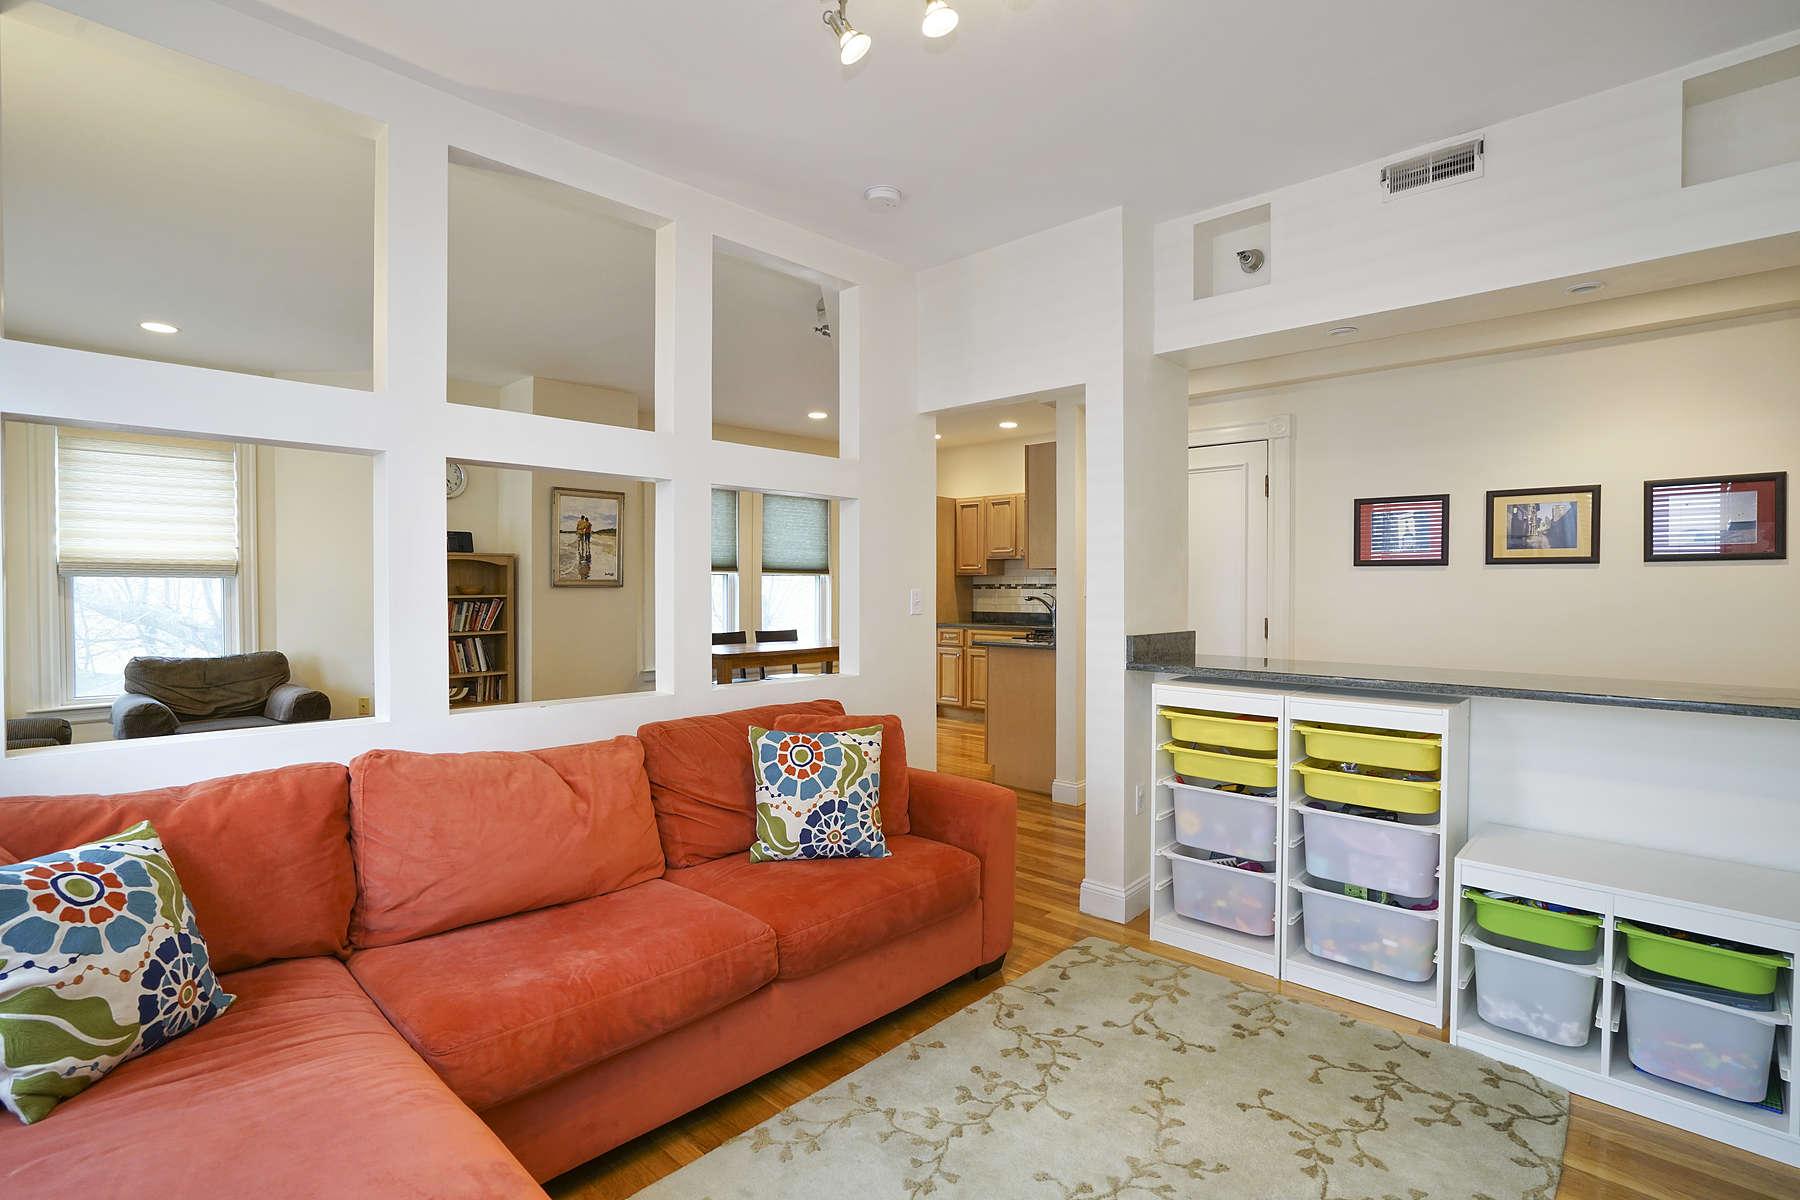 Condominium for Active at Architect Designed Union Square Condo 4 Putnam Street Unit 2 Somerville, Massachusetts 02143 United States